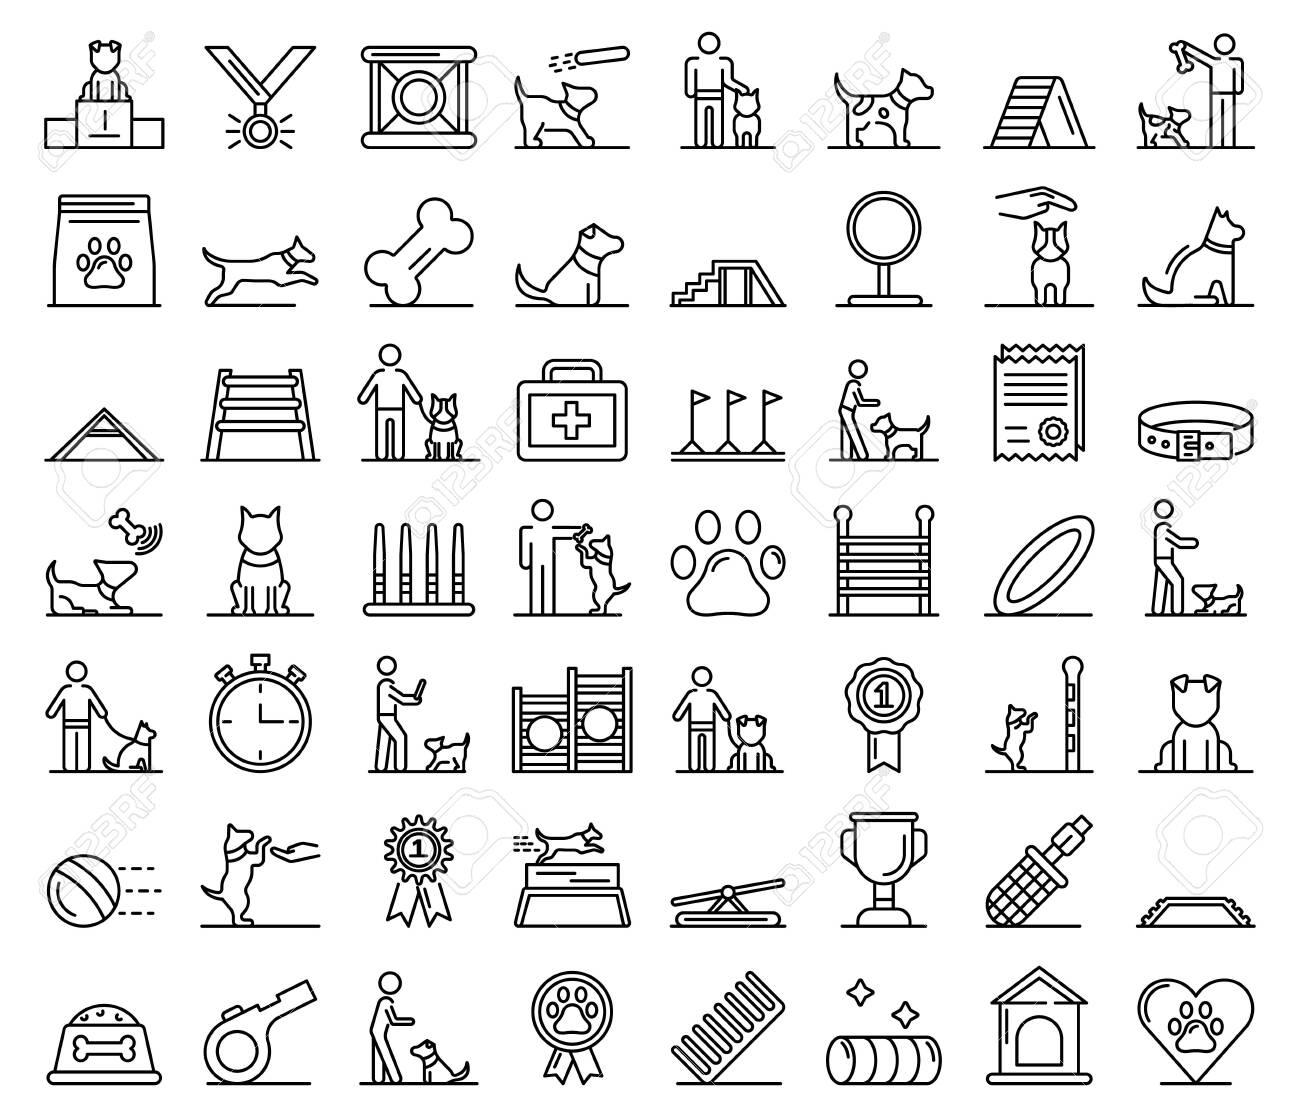 Dog training icons set, outline style - 127088189